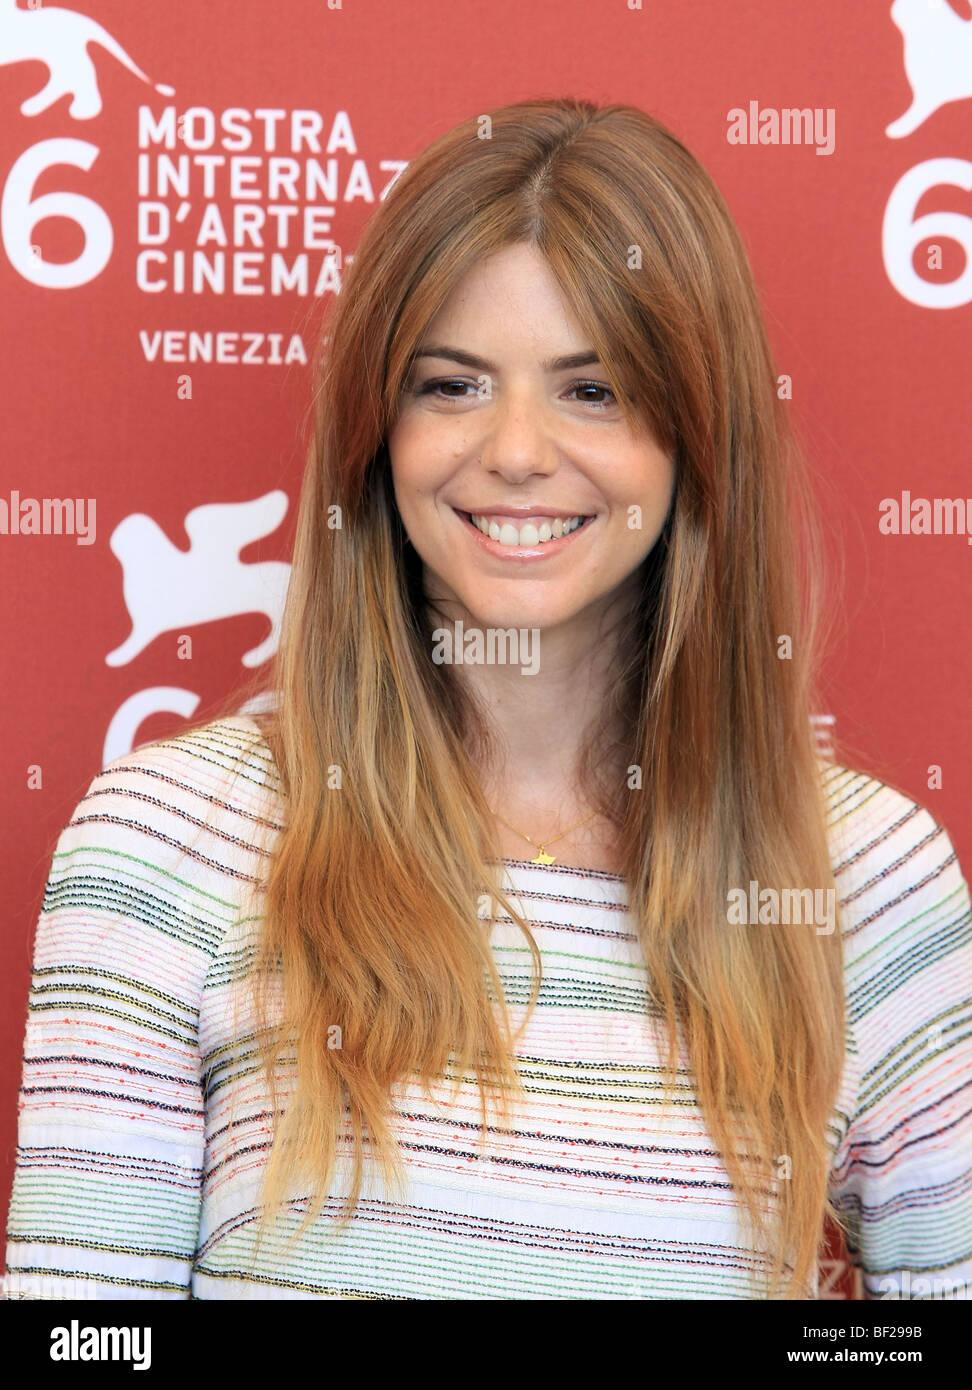 Manuela Velasco Nude Photos 27